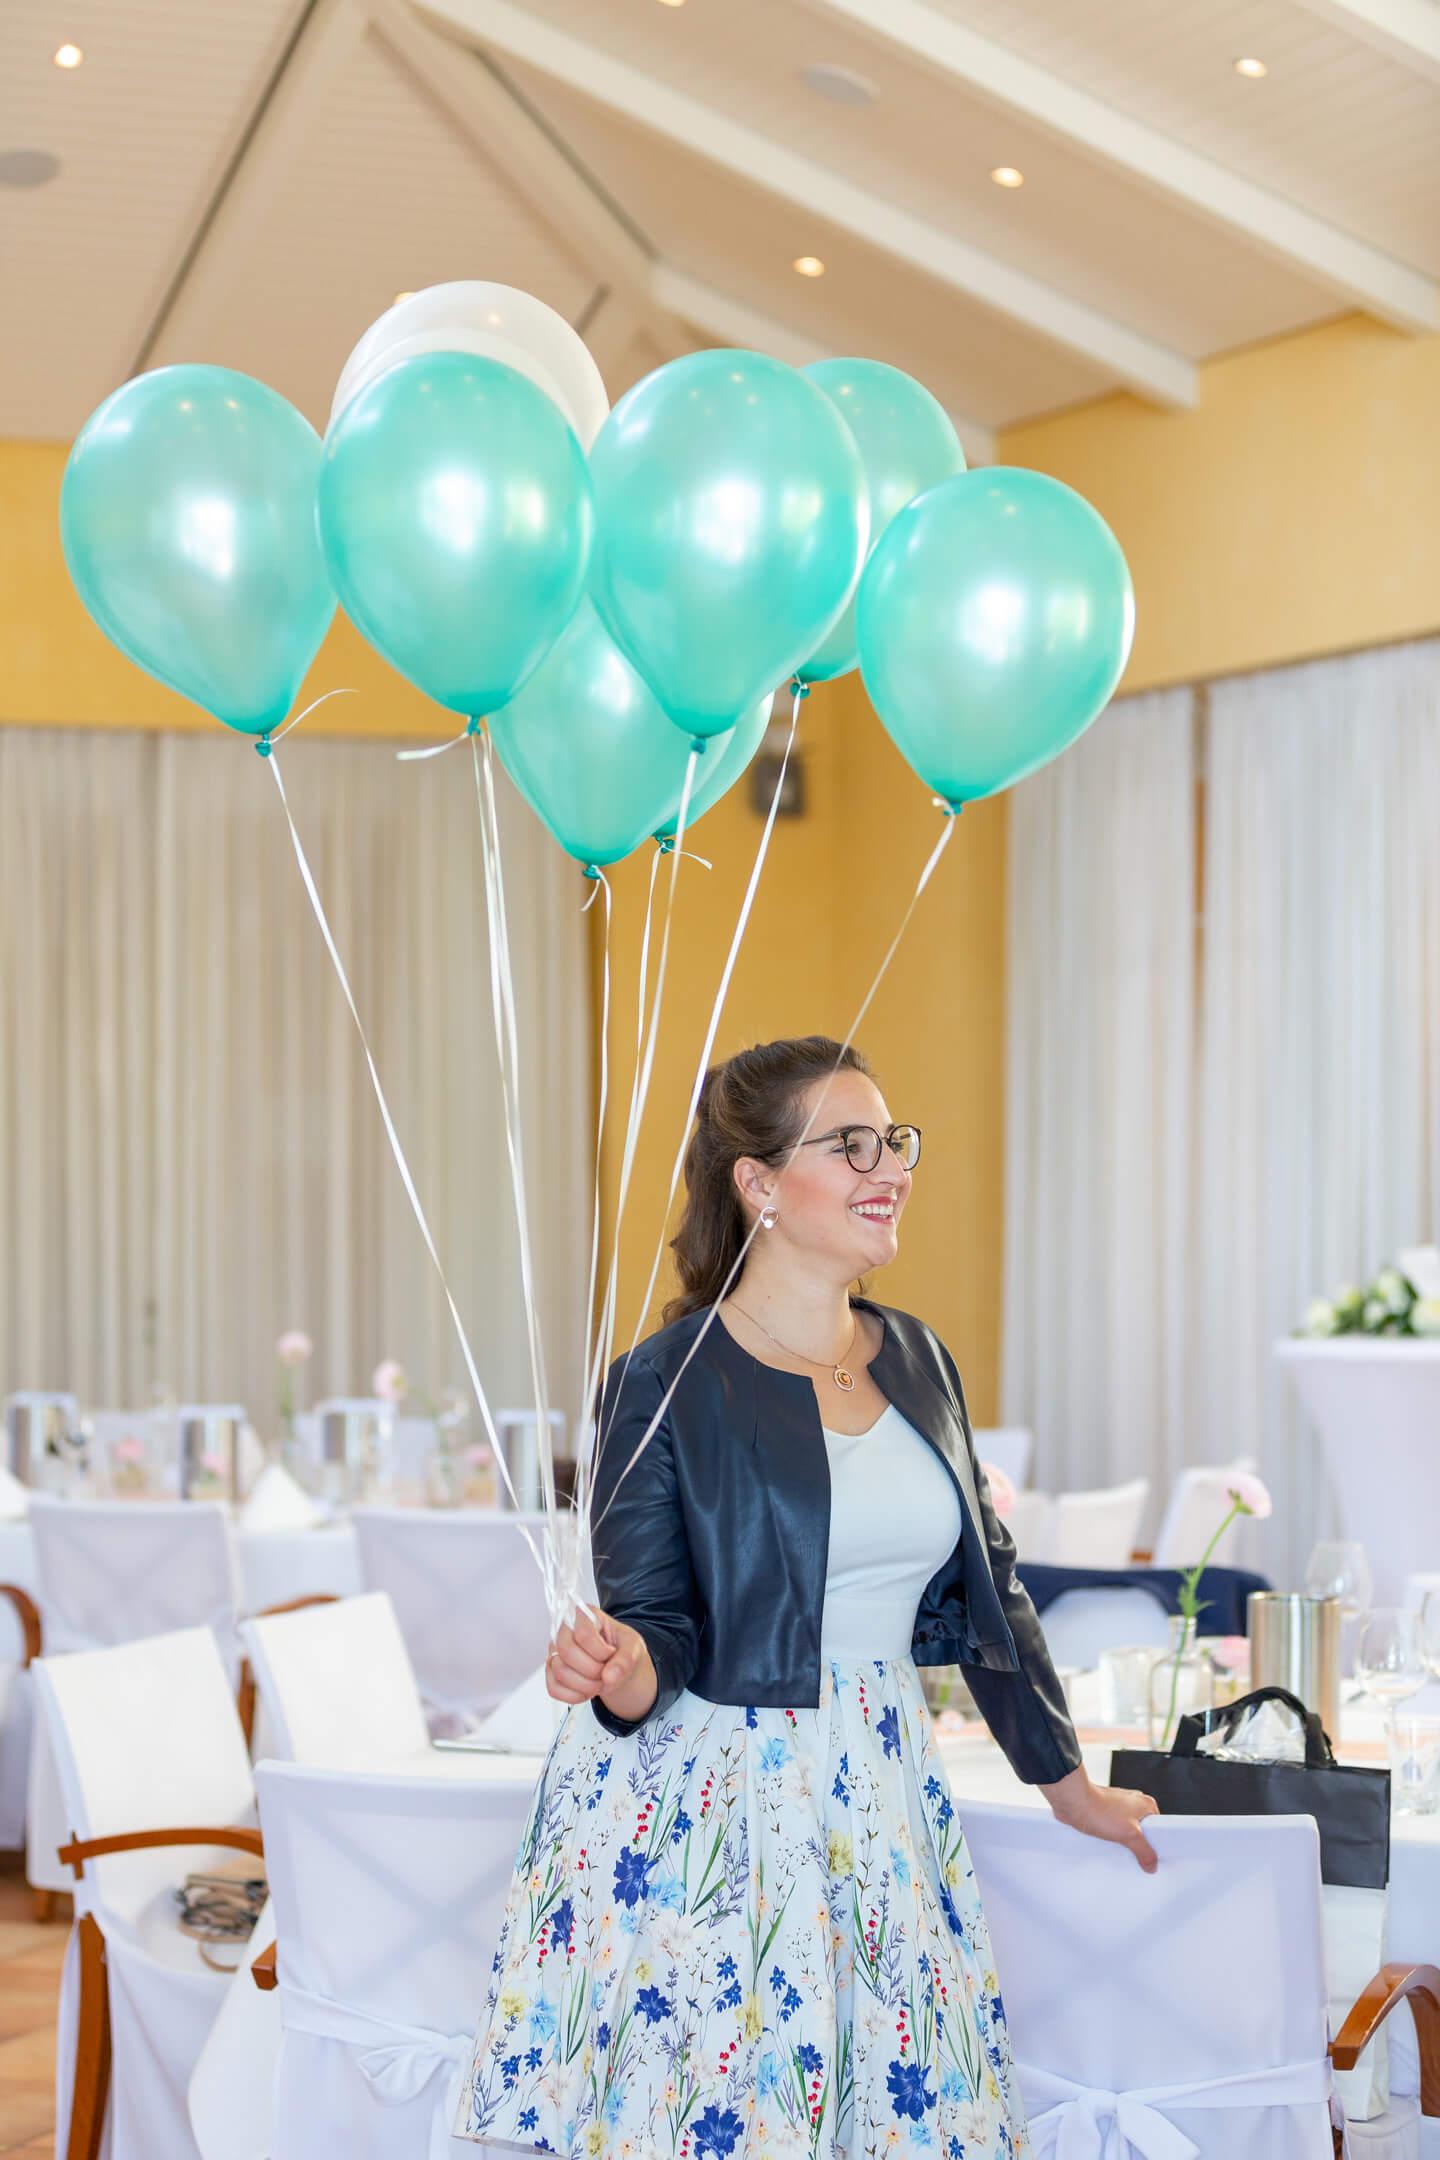 Junge Frau hält Luftballons für Hochzeitsfeier